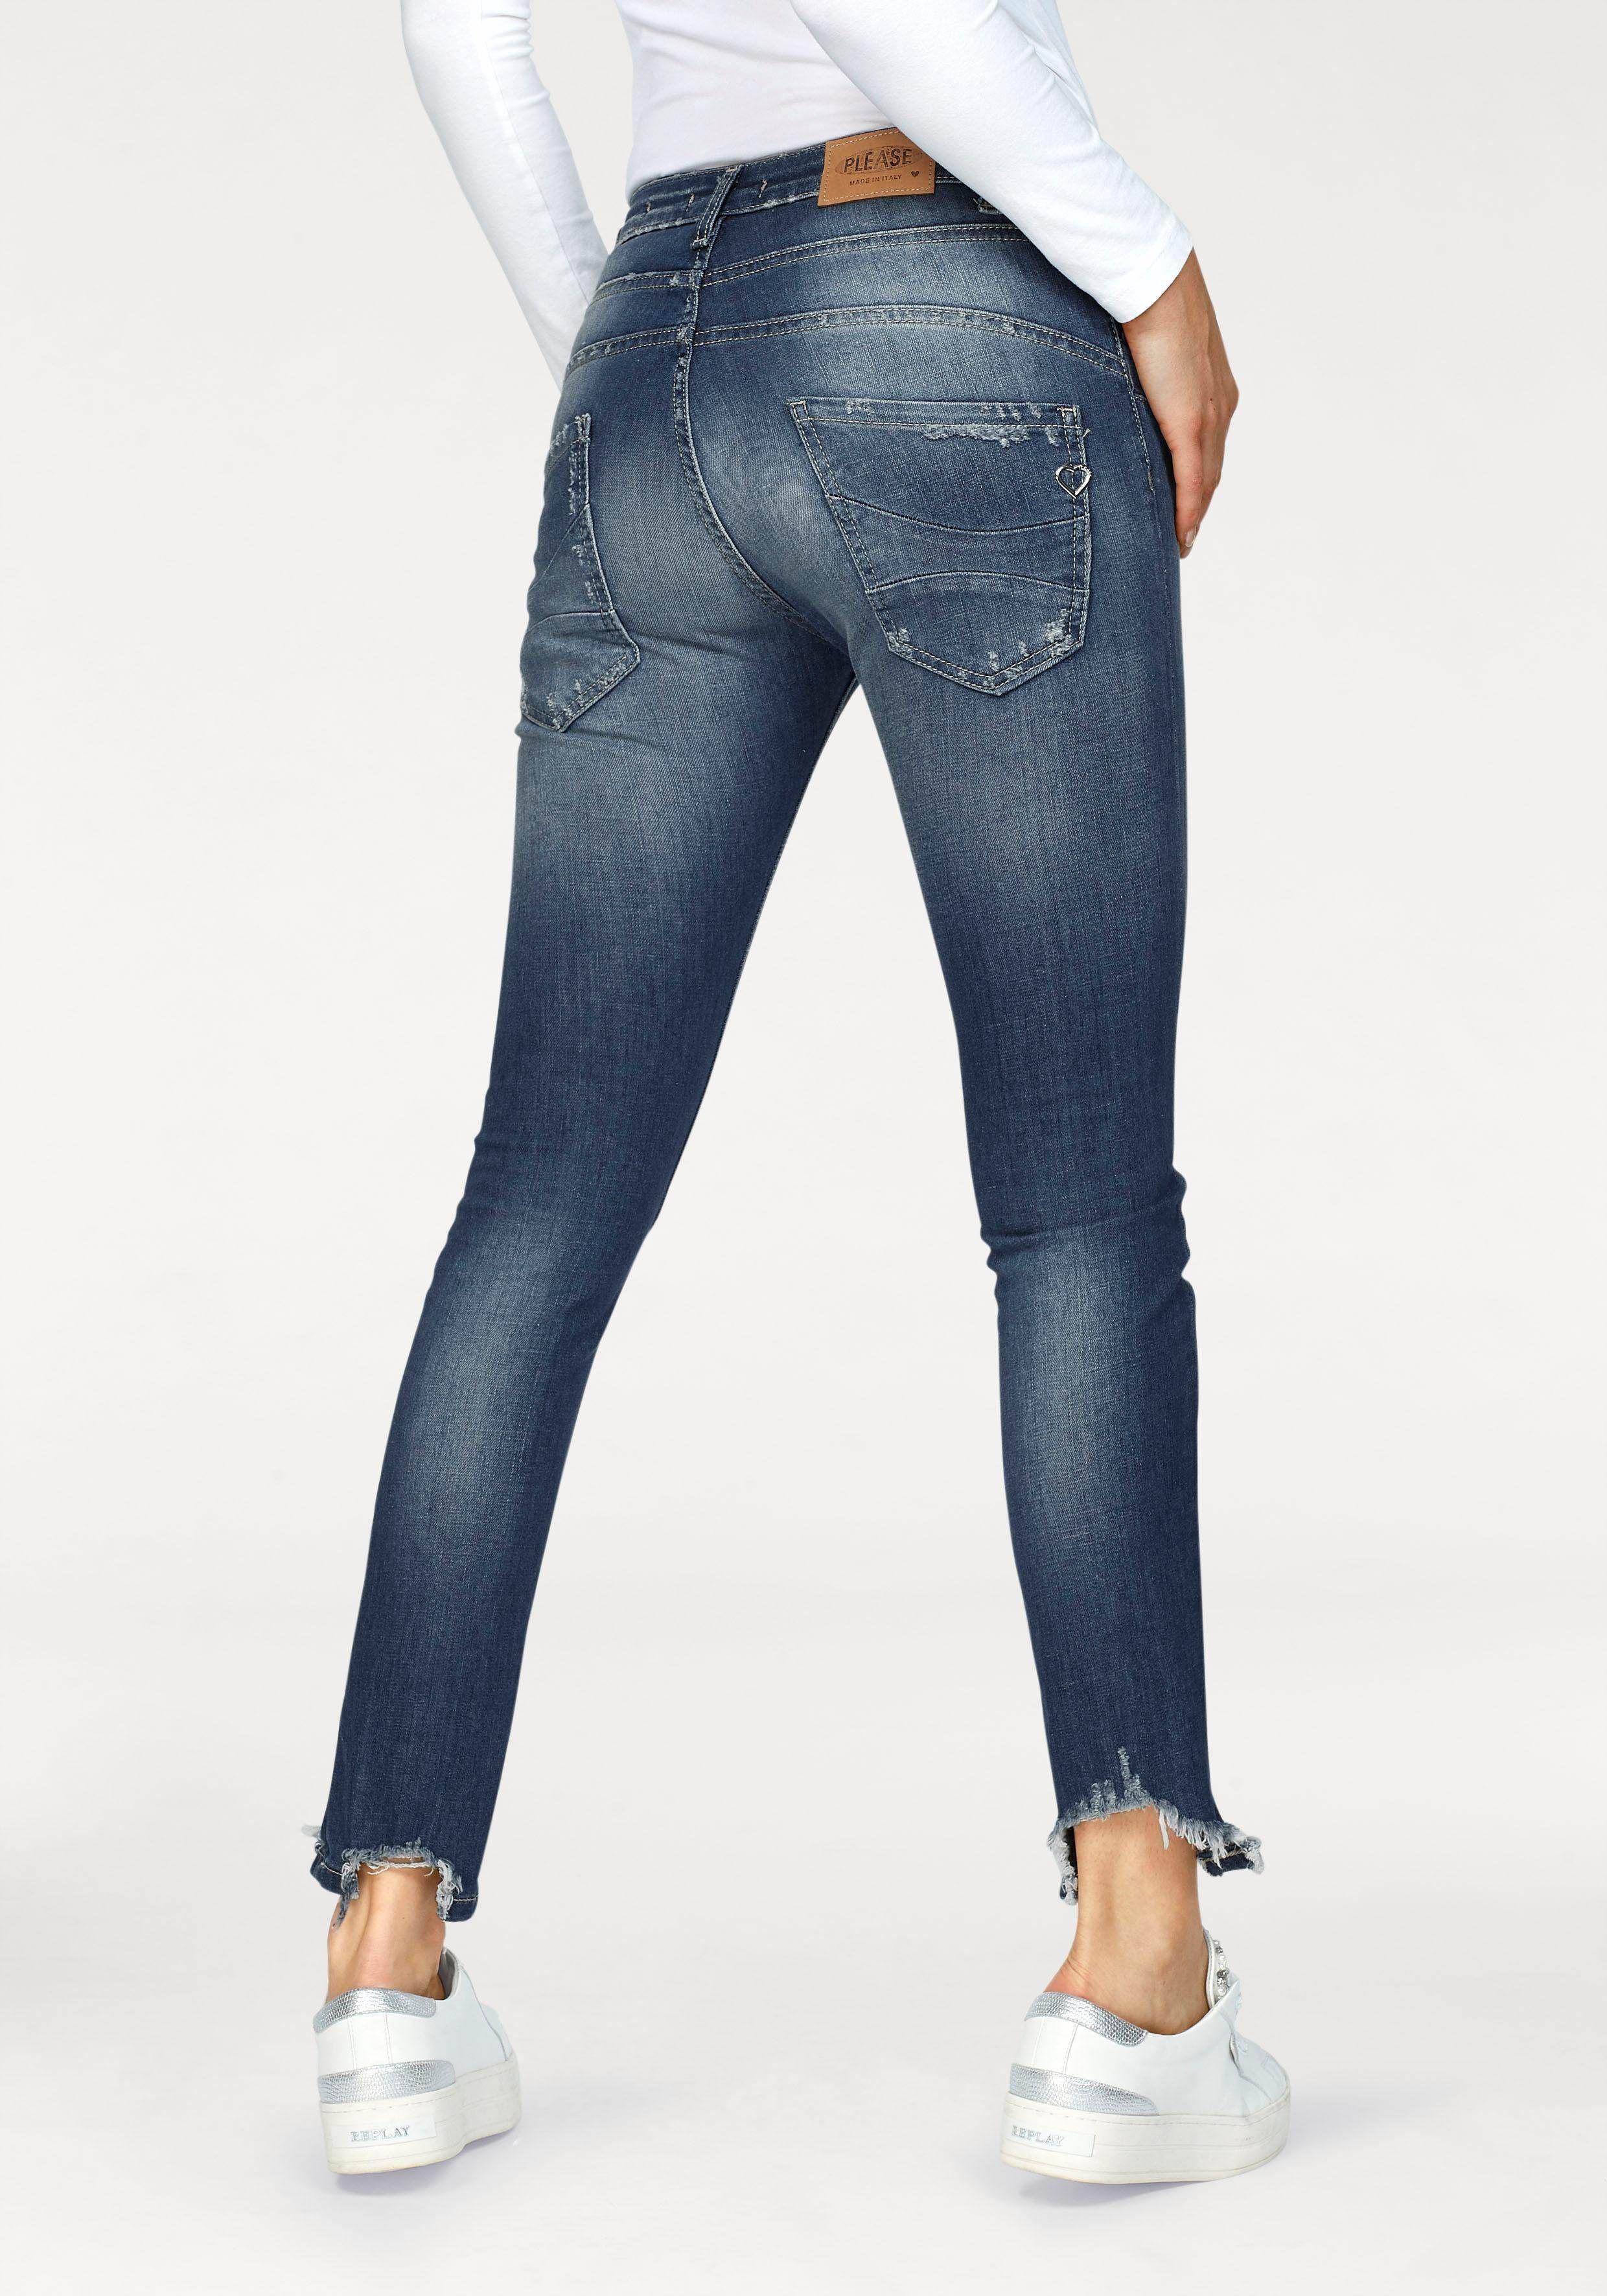 große Auswahl suche nach neuesten 50-70% Rabatt OTTO #PLEASE #Bekleidung #Hosen #Jeans #Sale ...